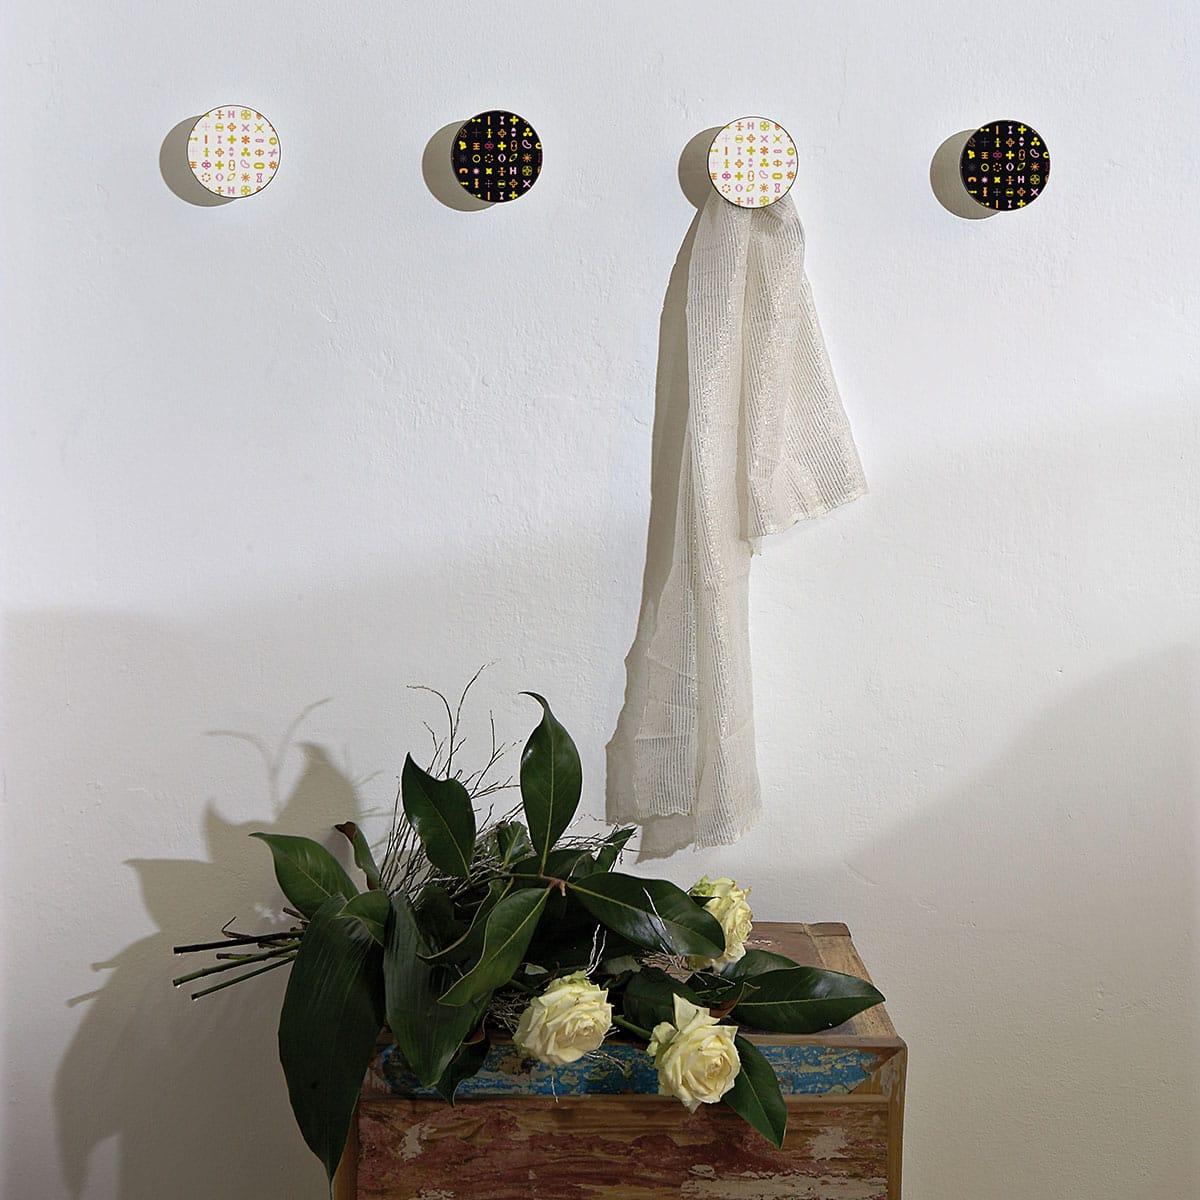 Appendiabiti a forma circolare della collezione Art-Up con pomello in acciaio inox e appendiabiti HPL con grafica colorata su sfondo bianco e Nero di Karim